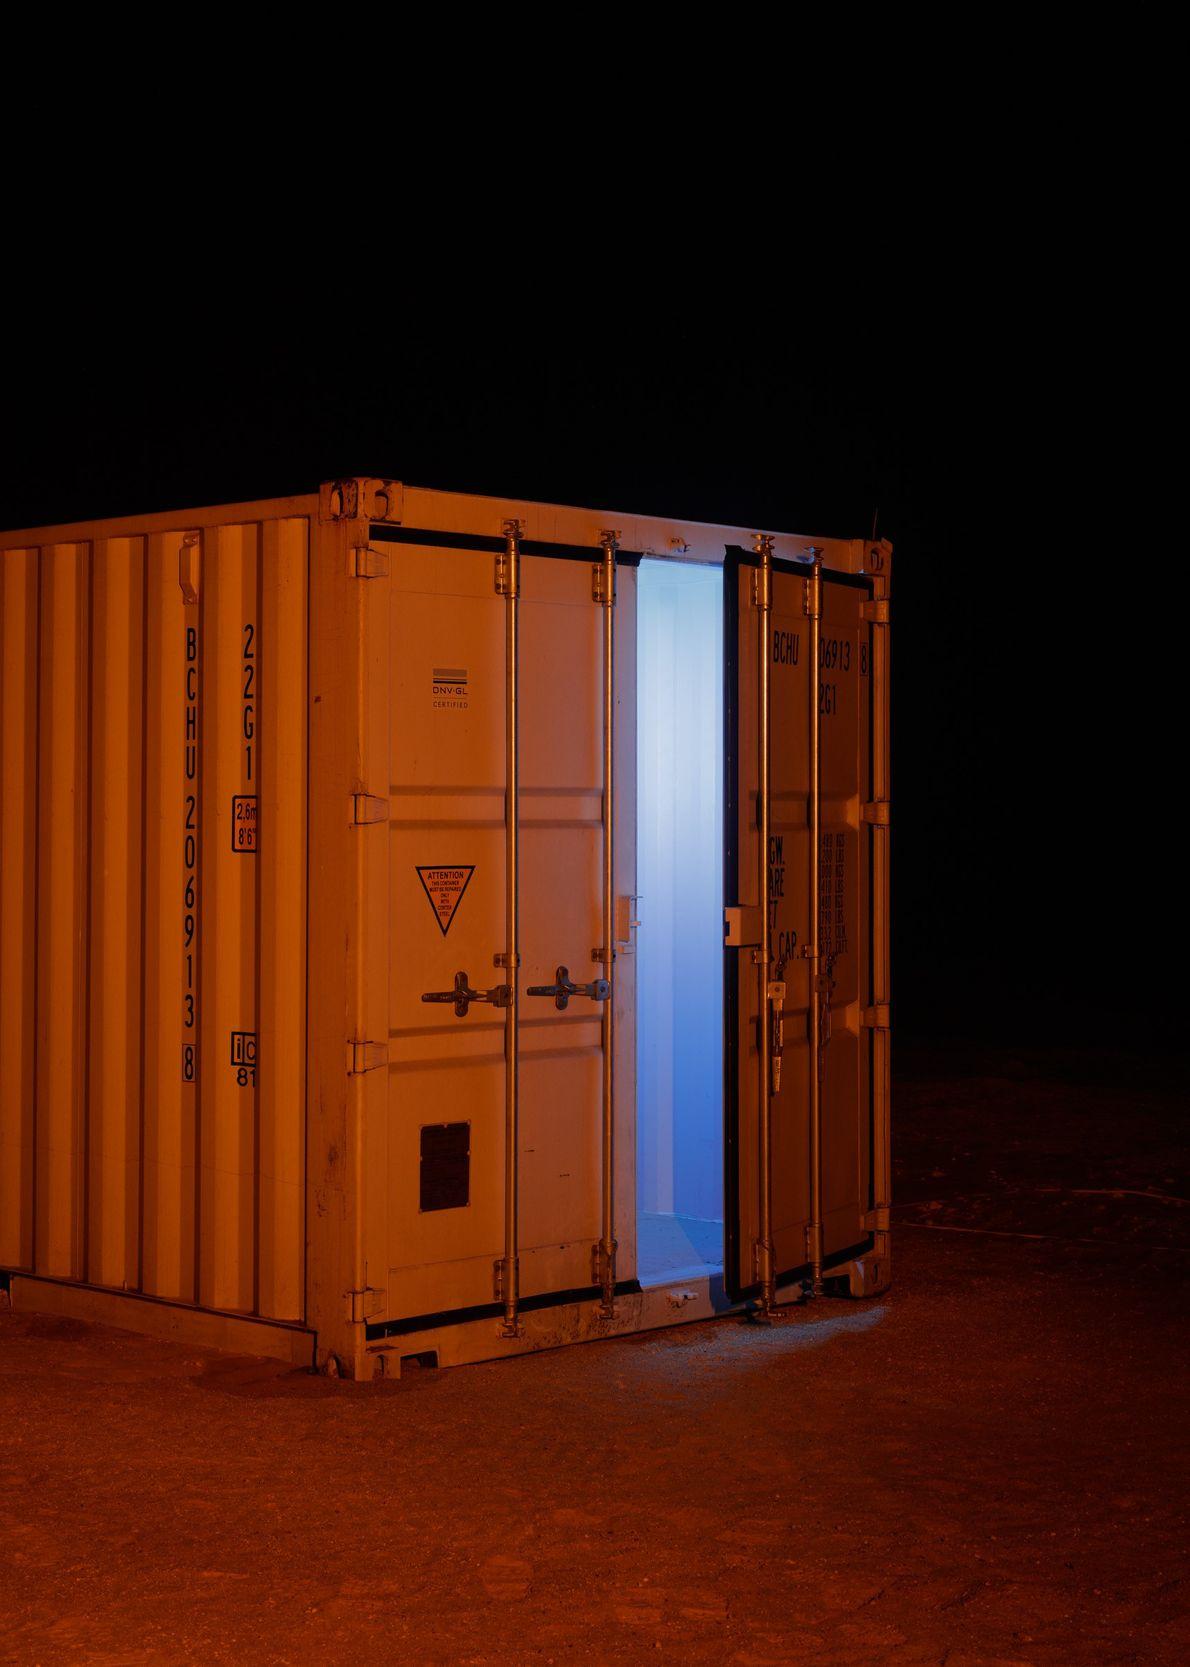 Aus einem Lagercontainer von AMADEE-18 dringt kühles Licht. Es hat über einen Monat gedauert, die Bestandteile ...